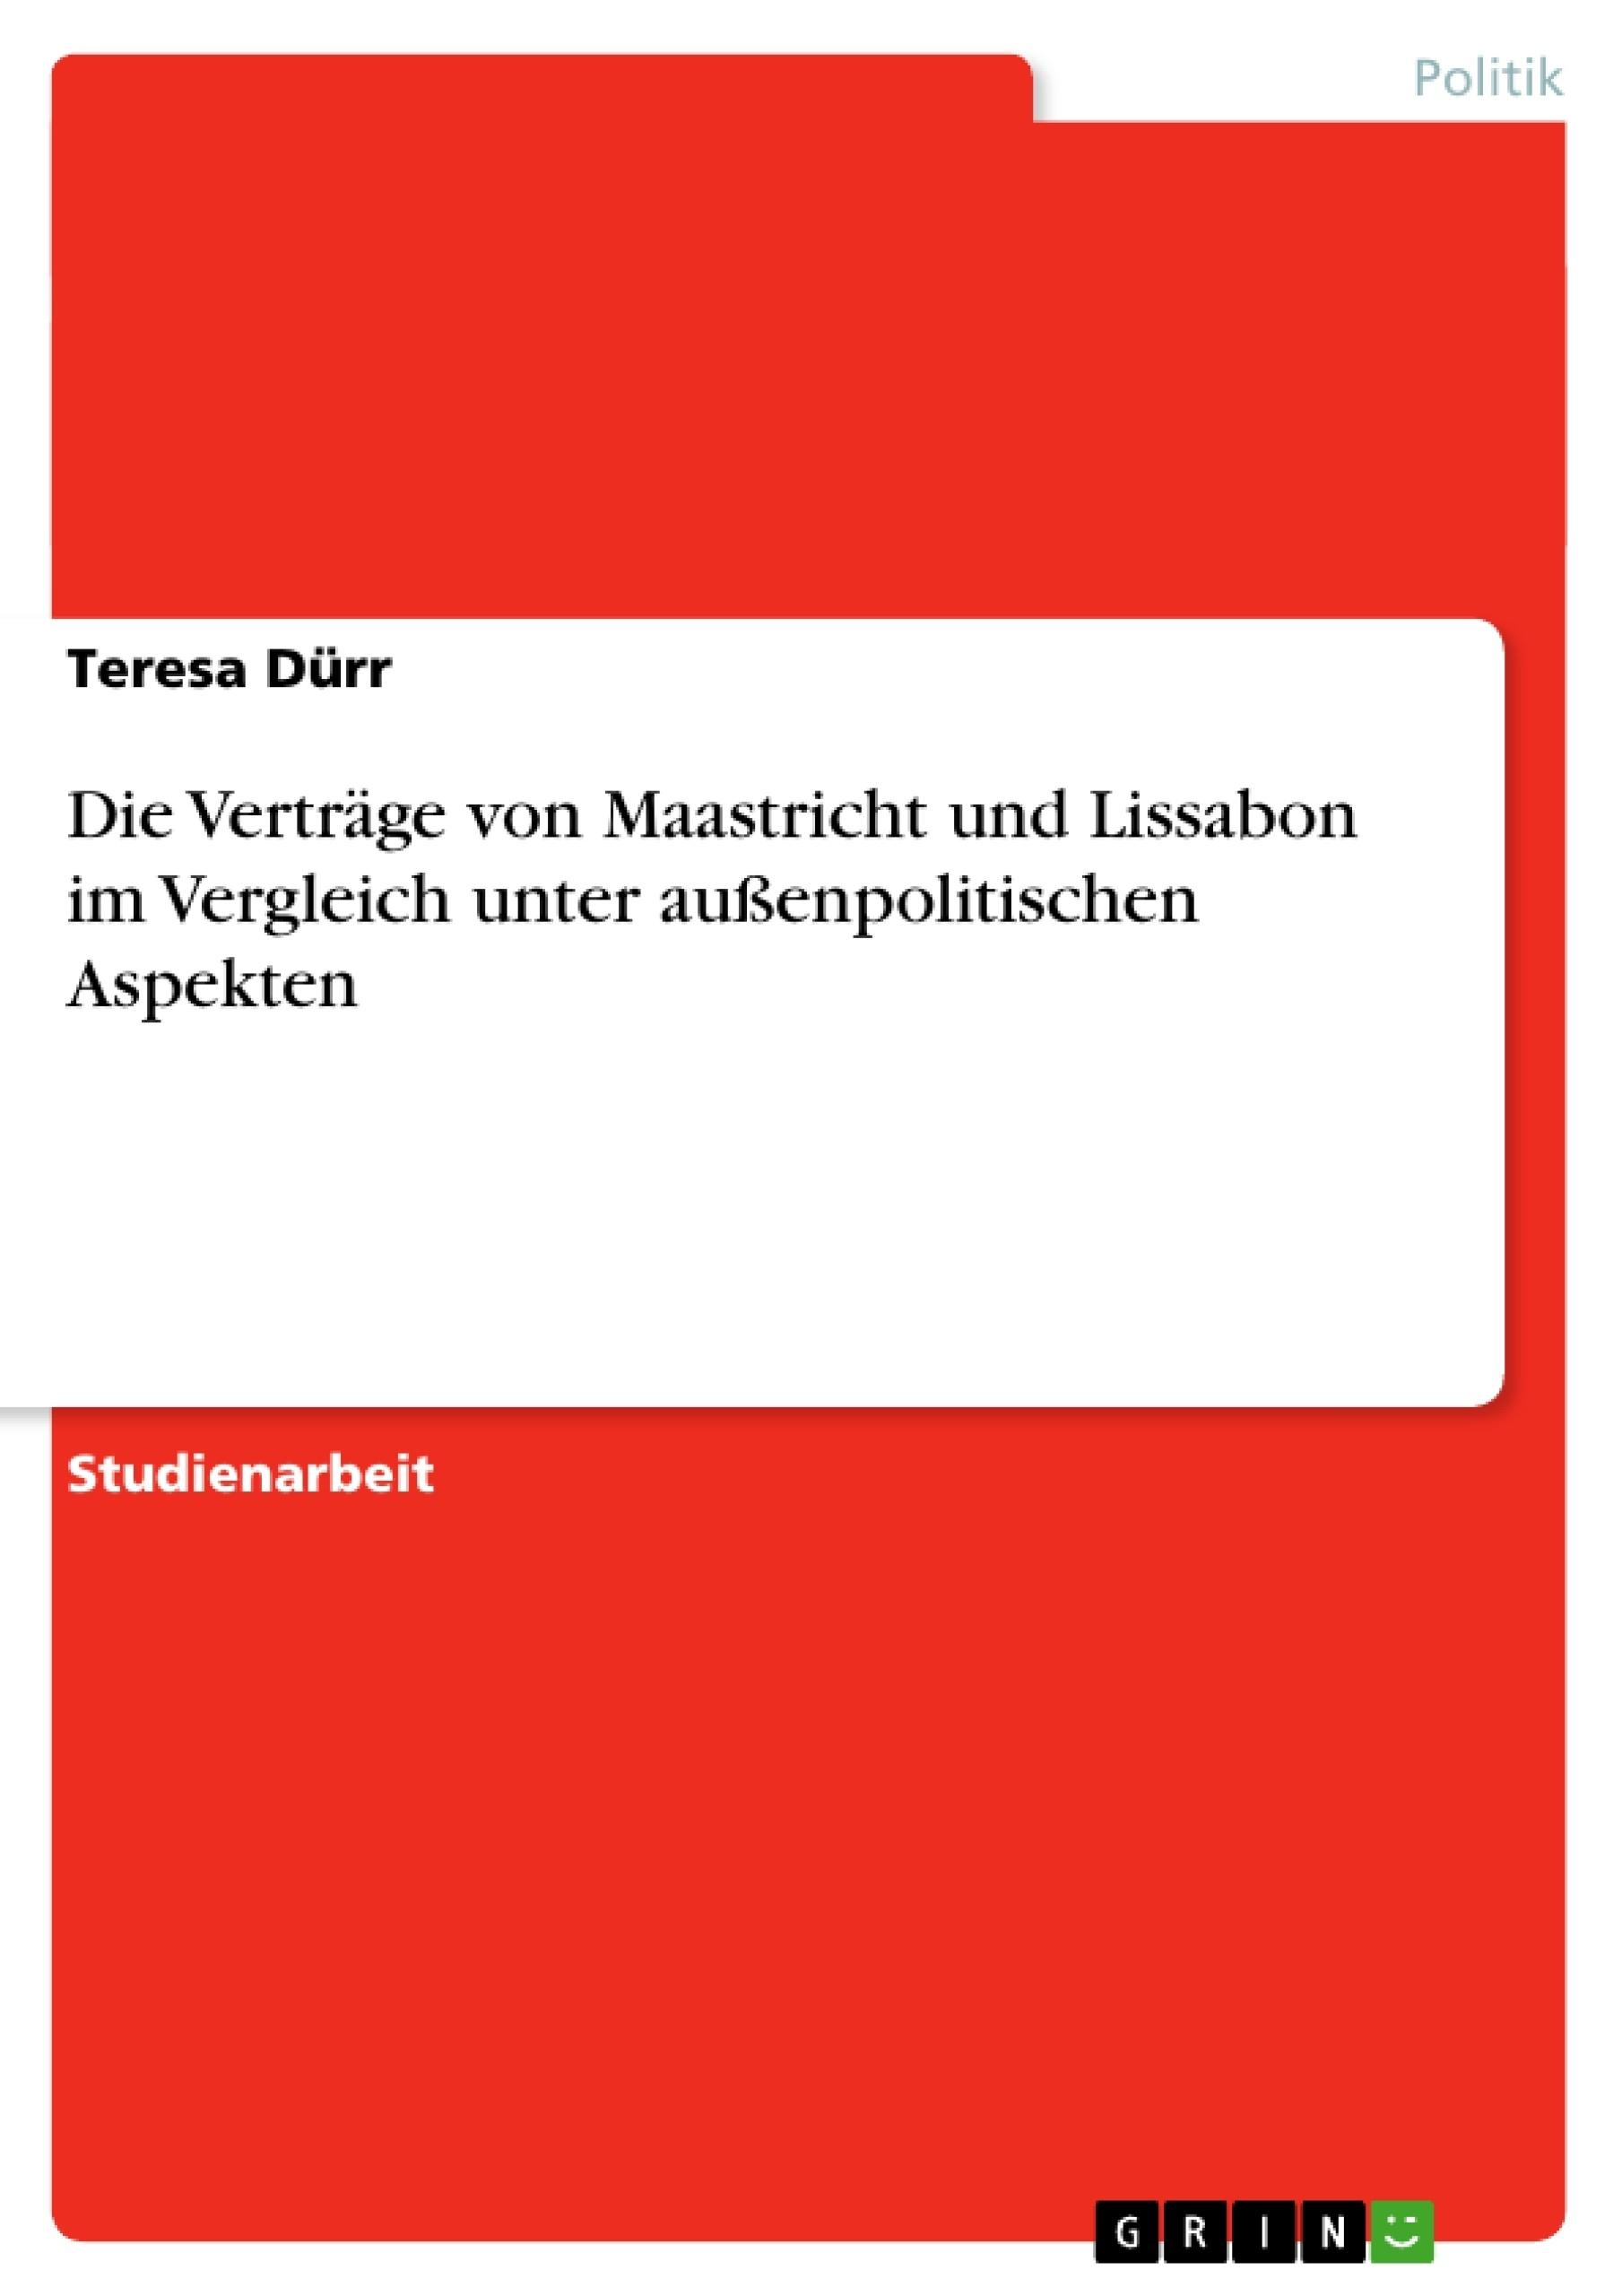 Titel: Die Verträge von Maastricht und Lissabon im Vergleich unter außenpolitischen Aspekten